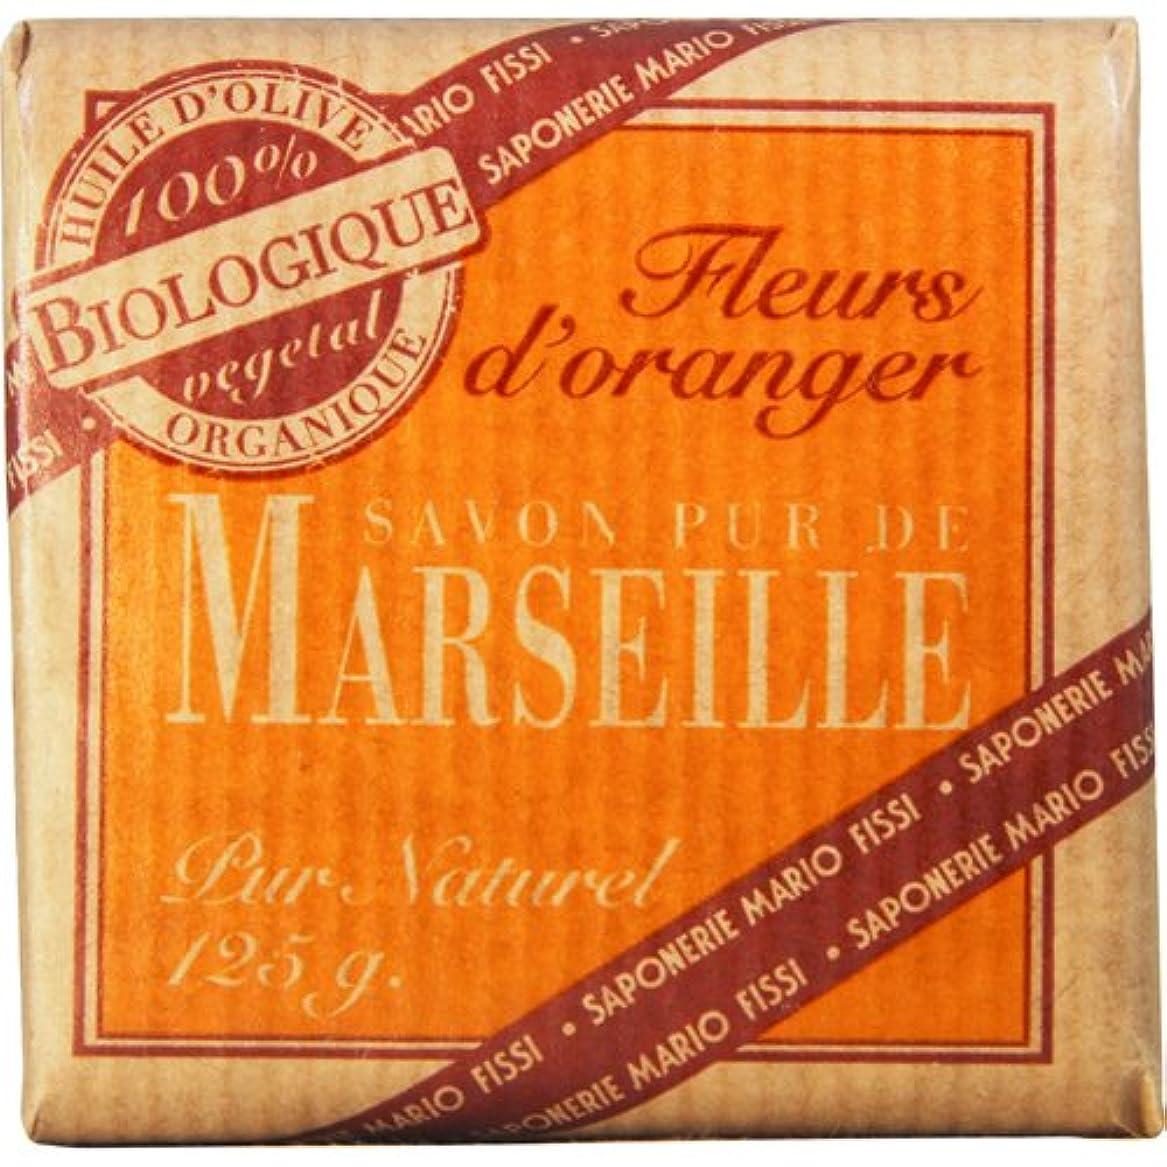 争い心理的に予測するSaponerire Fissi マルセイユシリーズ マルセイユソープ 125g Orange Flower オレンジフラワー